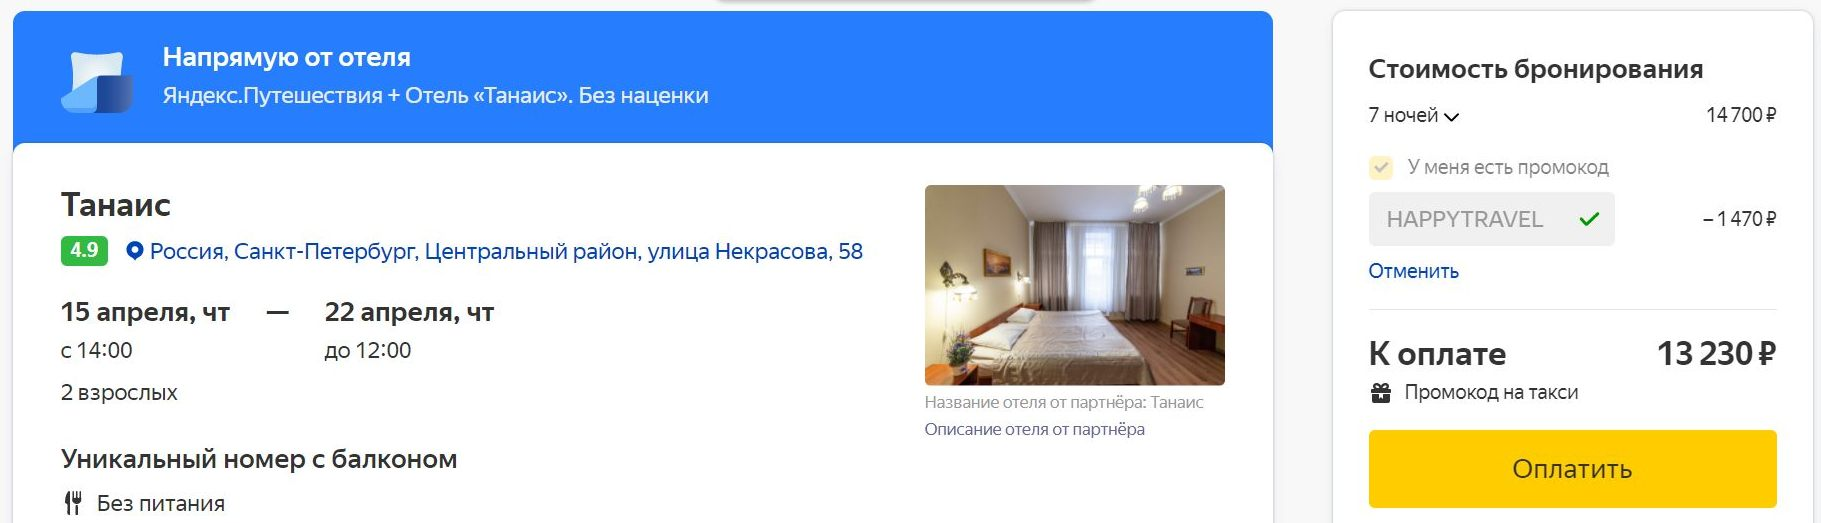 Выбор отеля с кэшбеком через Яндекс.Путешествия